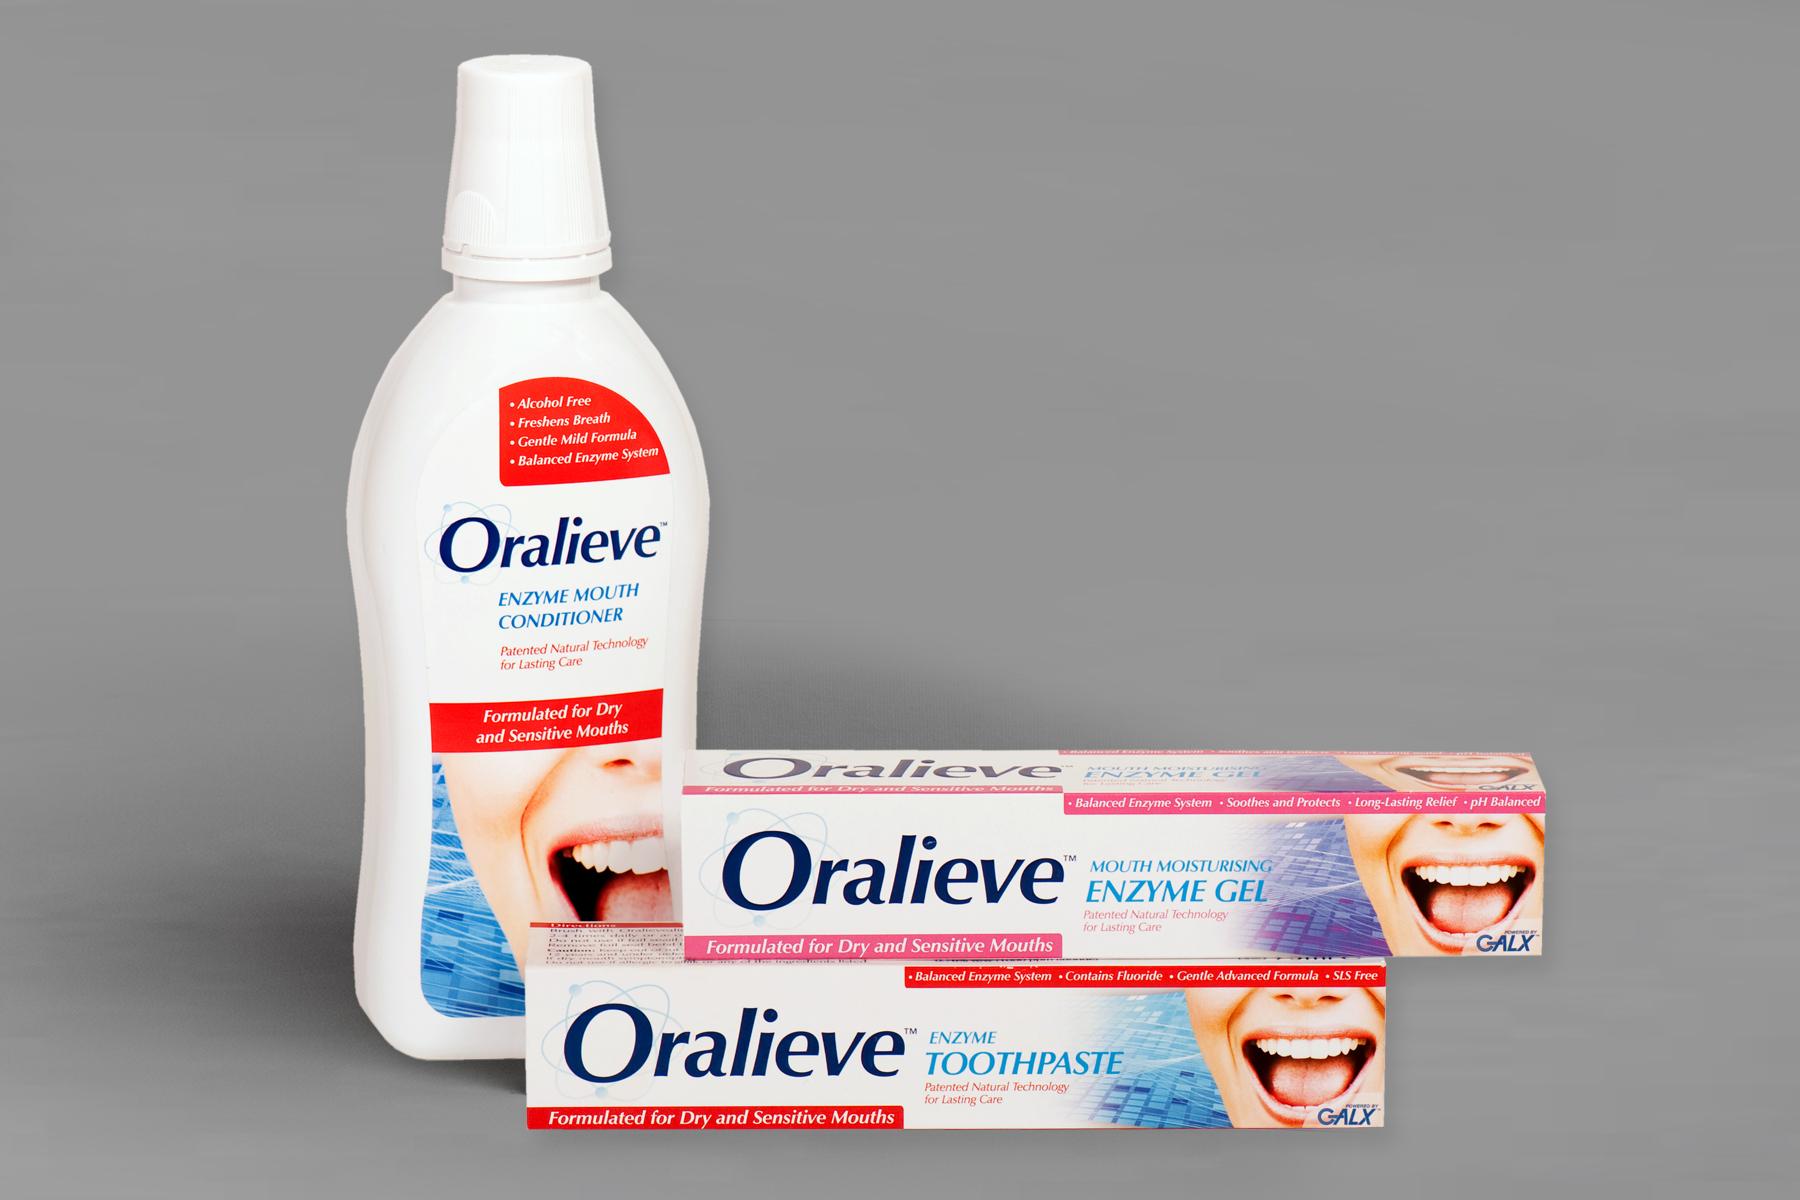 Oralieve-packaging-range.jpg